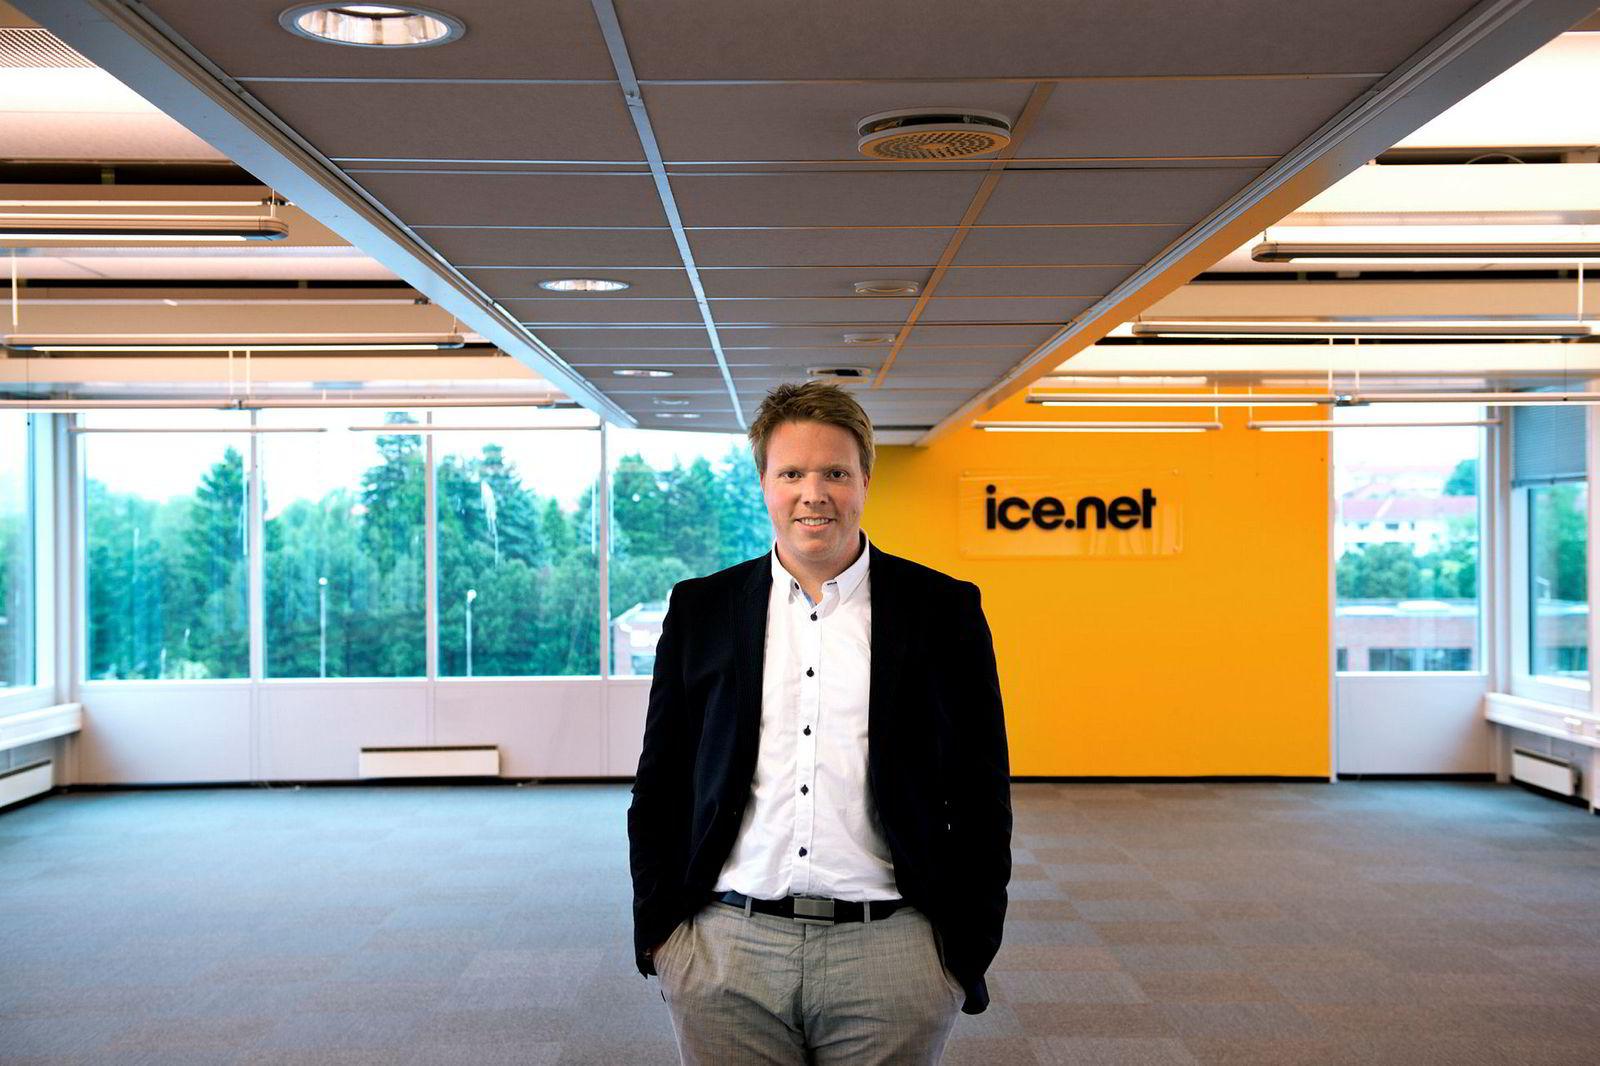 «Som tredje nettoperatør i Norge har vi ambisjoner å ta markedsandeler. Hvis ikke hadde det ikke vært noe vits i å bygge nettet», sier administrerende direktør Eivind Helgaker i Ice.